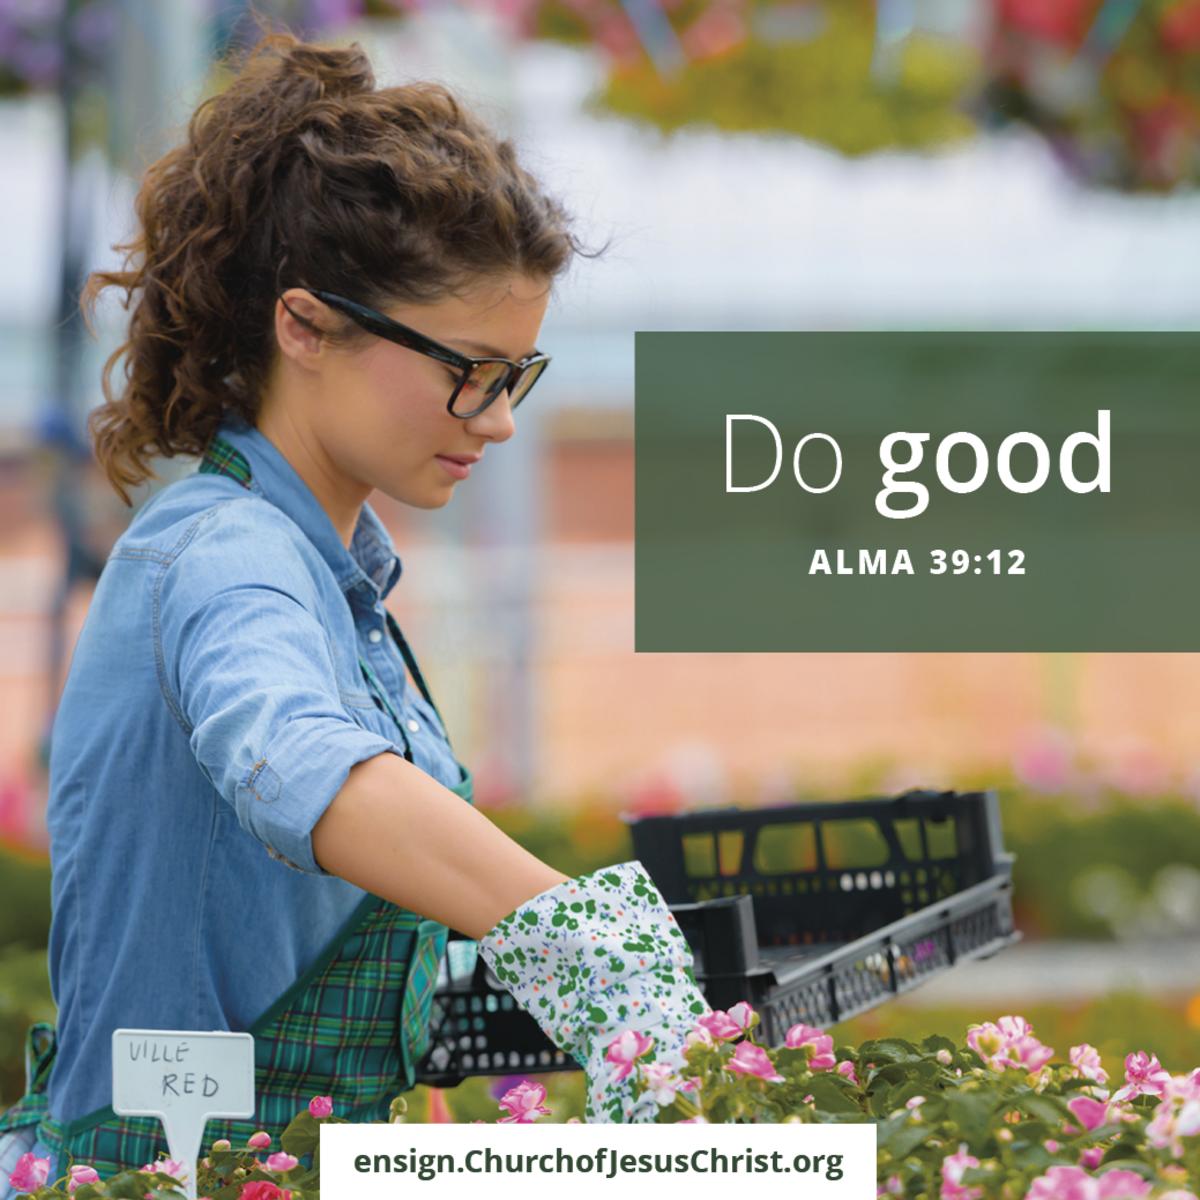 Meme Alma 39:12